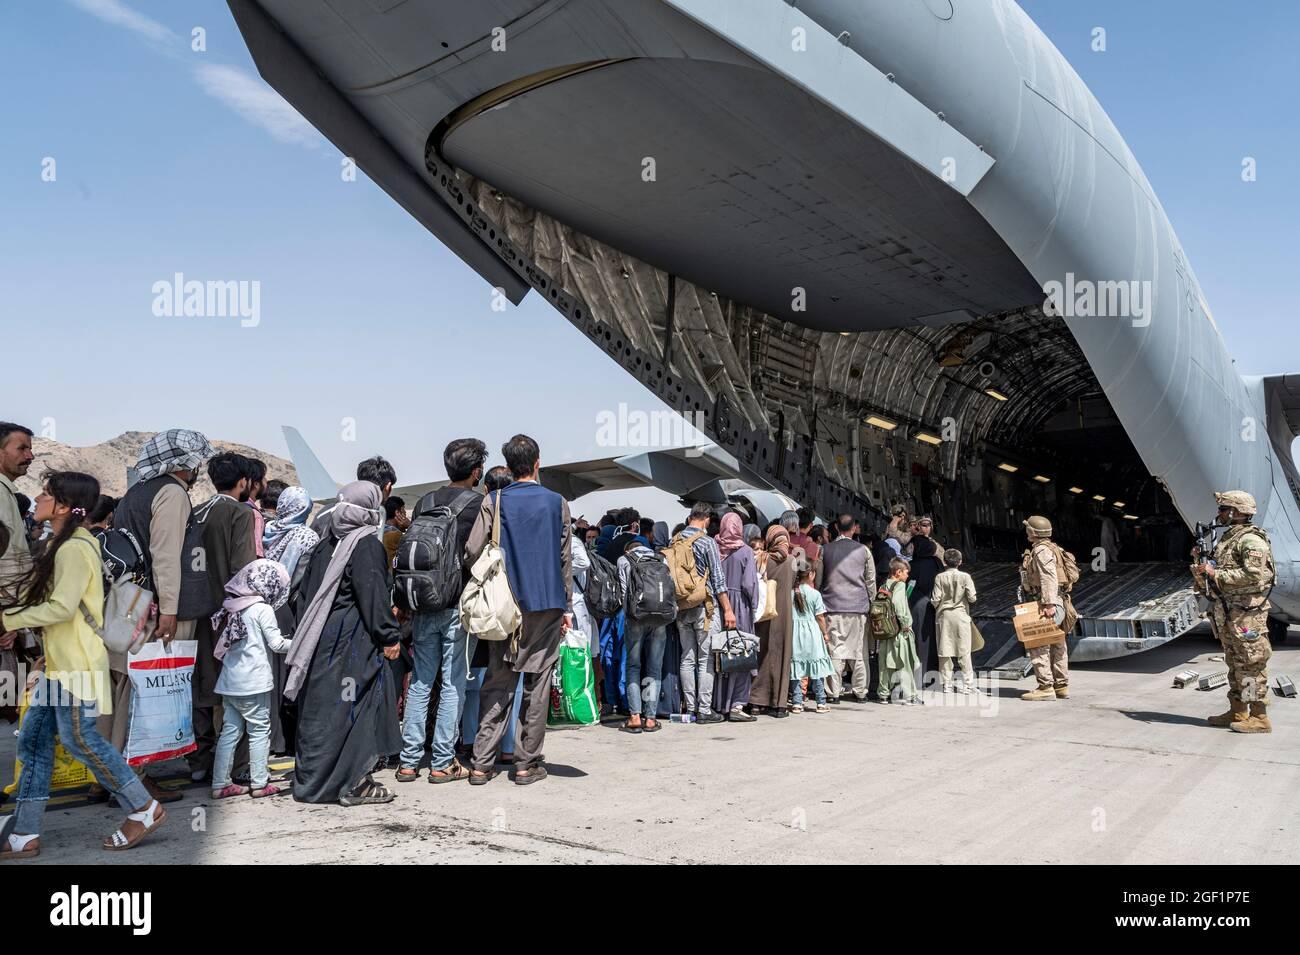 Gli Stati Uniti Airmen e la guida dei marines degli Stati Uniti hanno qualificato gli evacuati a bordo di una forza aerea degli Stati Uniti C-17 Globemaster III a sostegno dell'evacuazione dell'Afghanistan all'aeroporto internazionale Hamid Karzai (HKIA), Afghanistan, 21 agosto 2021. Il Dipartimento della Difesa si impegna a sostenere il Dipartimento di Stato degli Stati Uniti nella partenza del personale civile statunitense e alleato dall'Afghanistan e a evacuare gli alleati afghani per la sicurezza. (STATI UNITI Foto delle forze aeree di Senior Airman Brennen Lege) Foto Stock